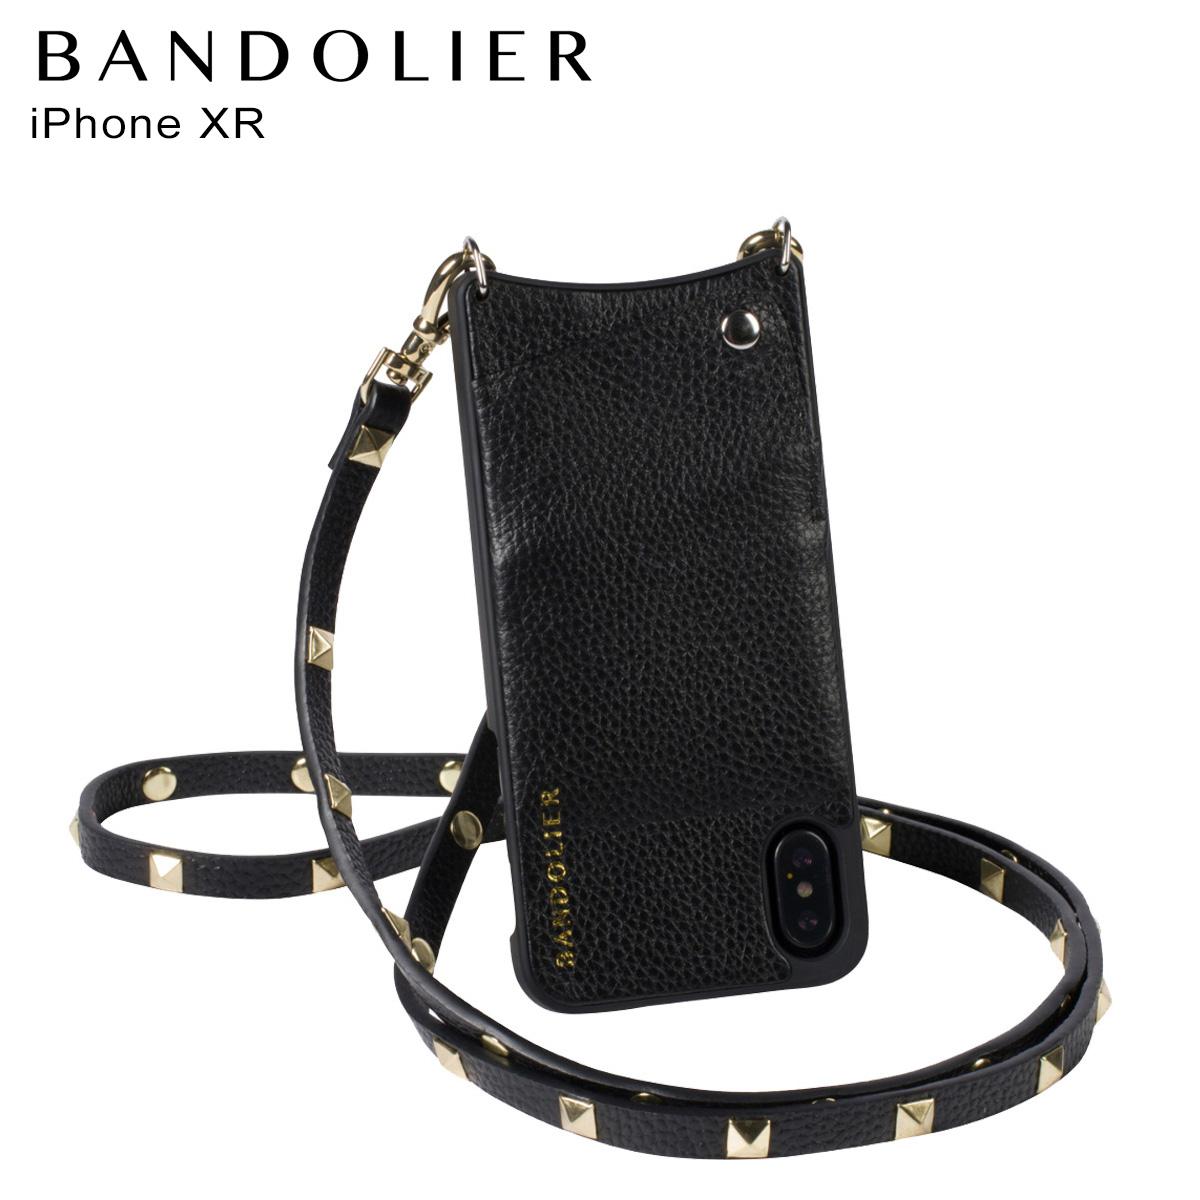 バンドリヤー BANDOLIER iPhone XR ケース ショルダー スマホ アイフォン レザー SARAH GOLD メンズ レディース ブラック 10SAR1001 [3/18 再入荷]